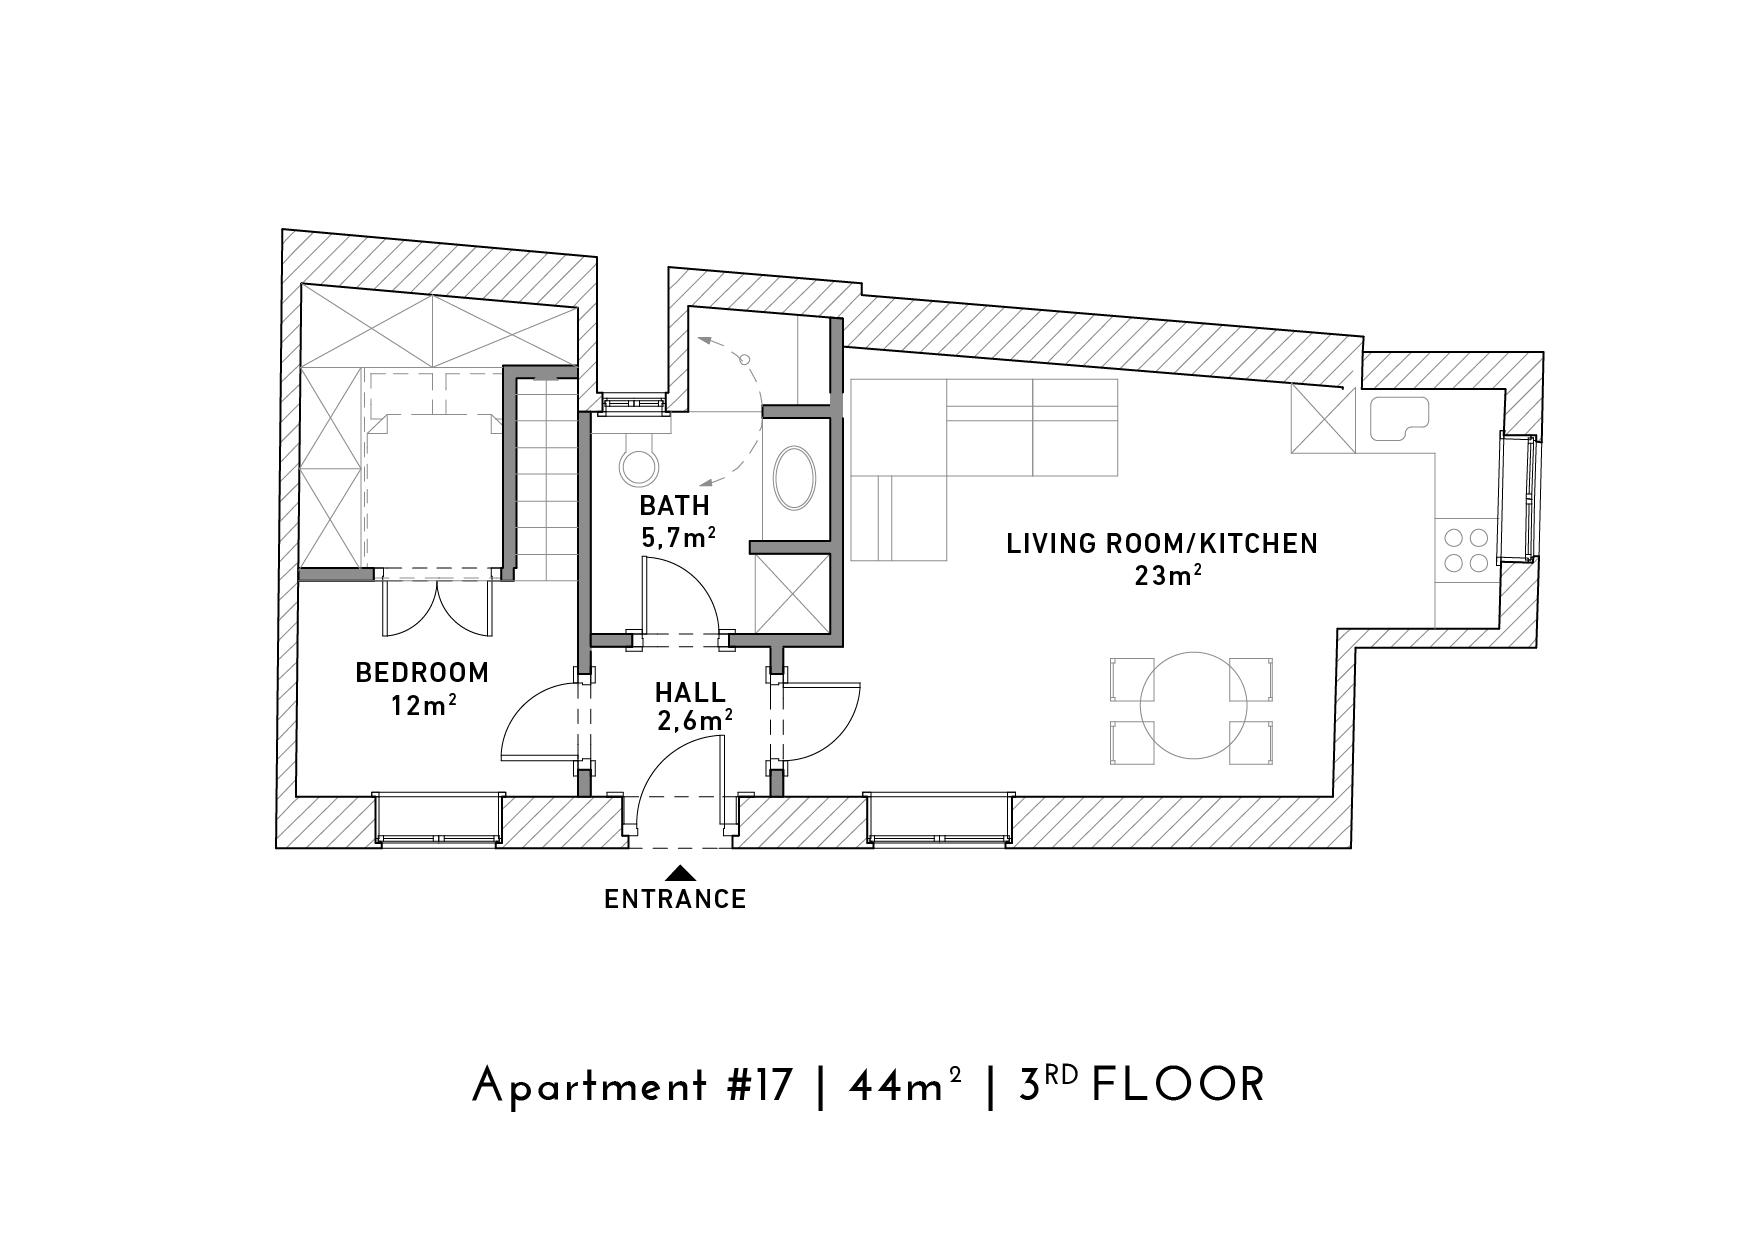 PE16-floorplans-04.jpg